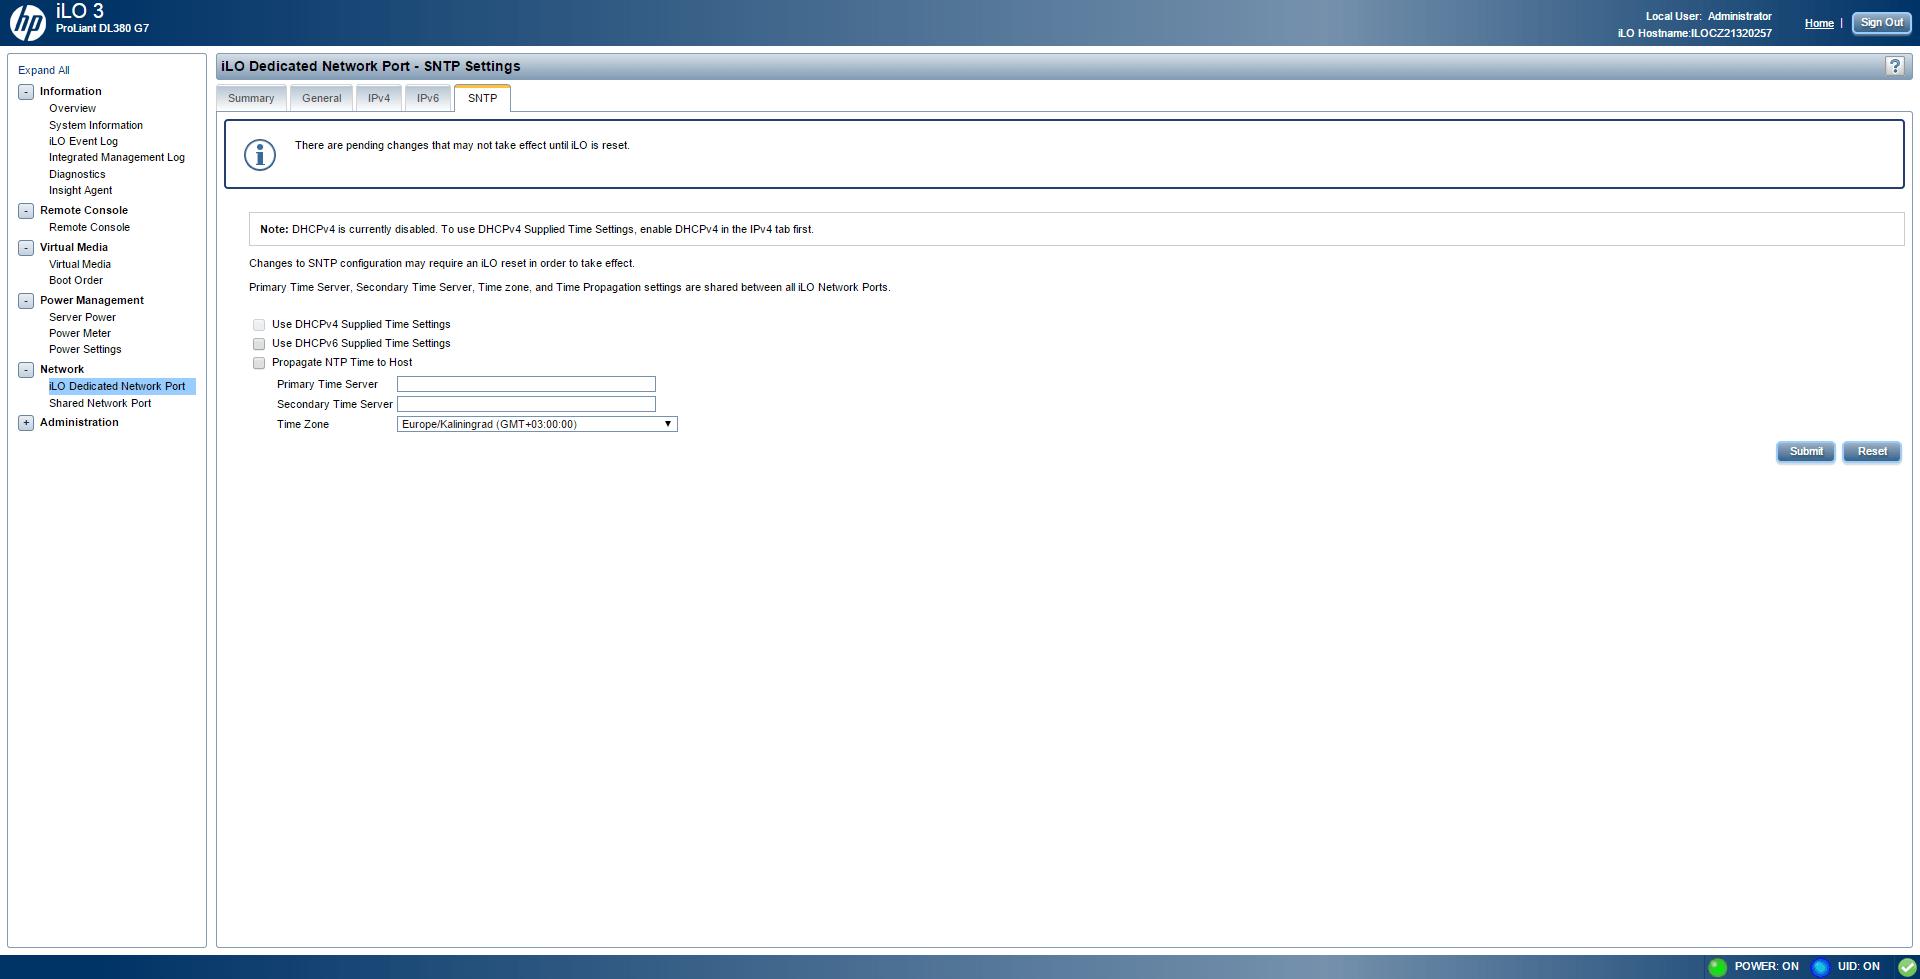 Обзор параметров ILO 3 в HP dl380 g7-22